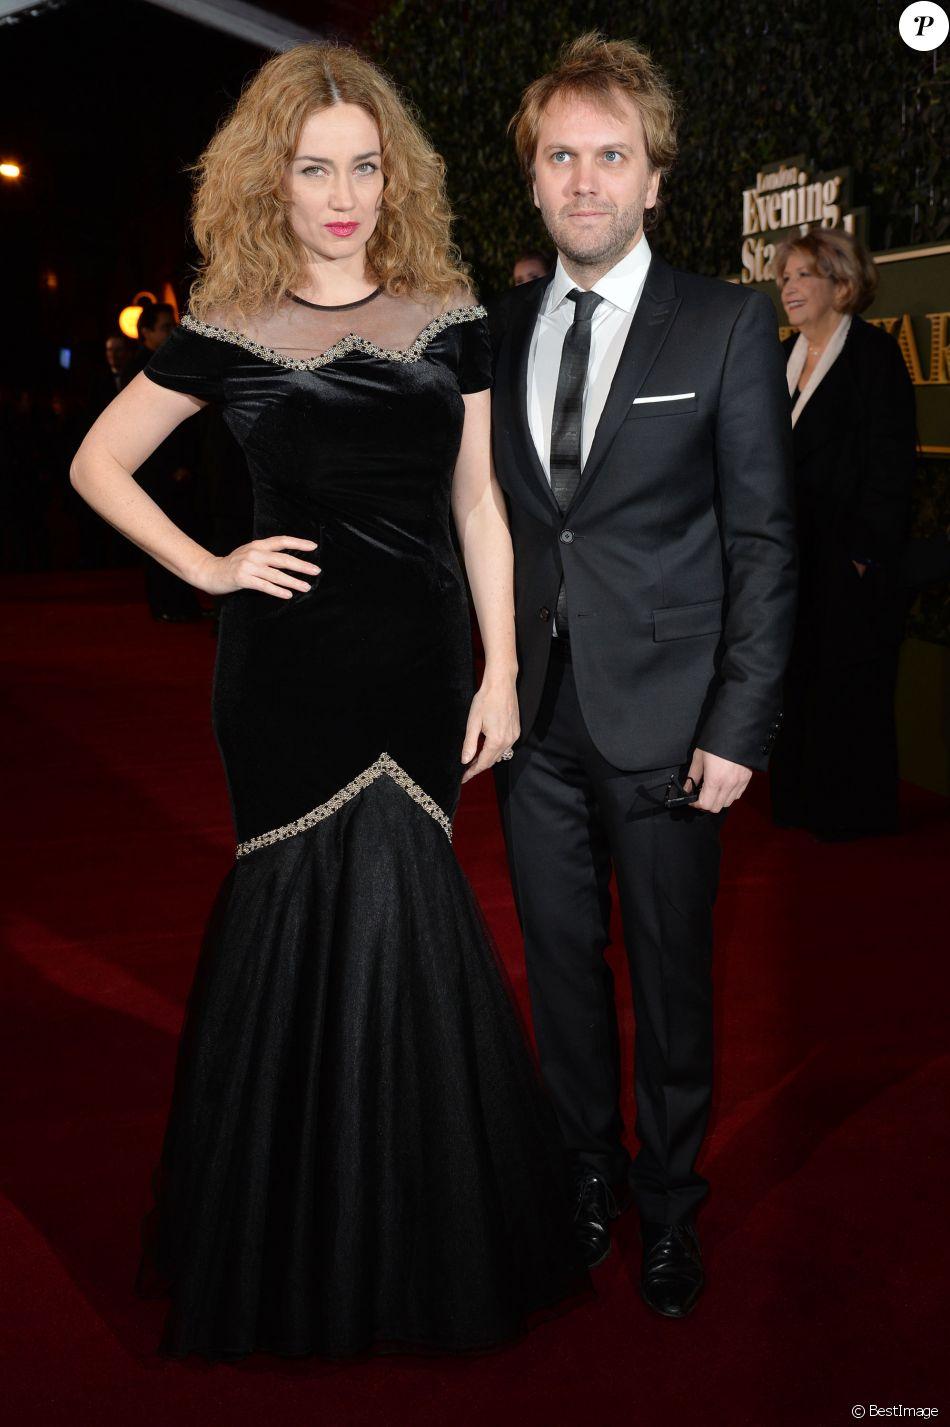 Marine Delterme et son mari Florian Zeller à la soirée 'Evening Standard Theatre Awards' à Londres, le 22 novembre 2015